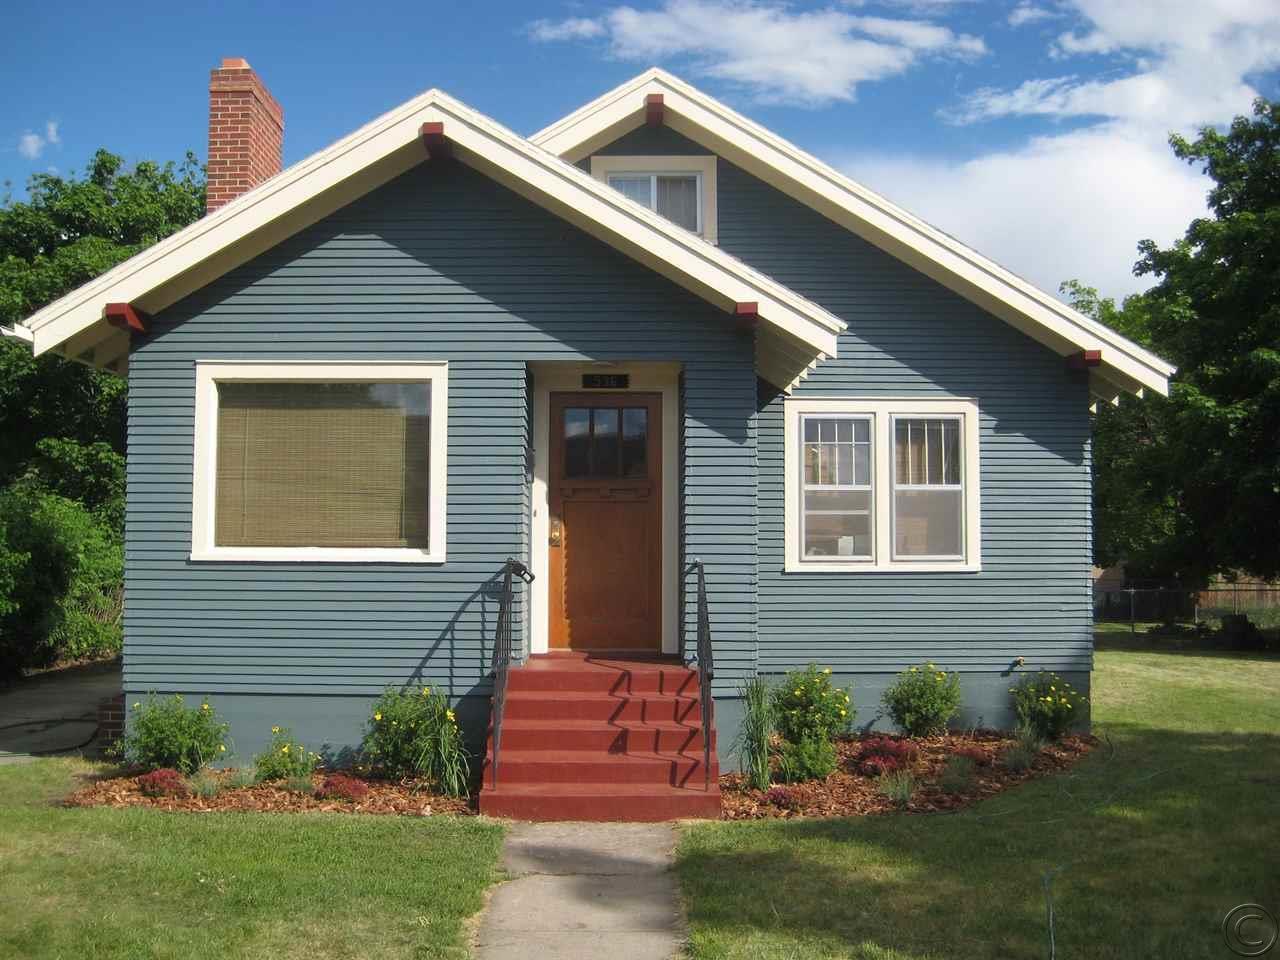 536 Edith St, Missoula, MT 59801